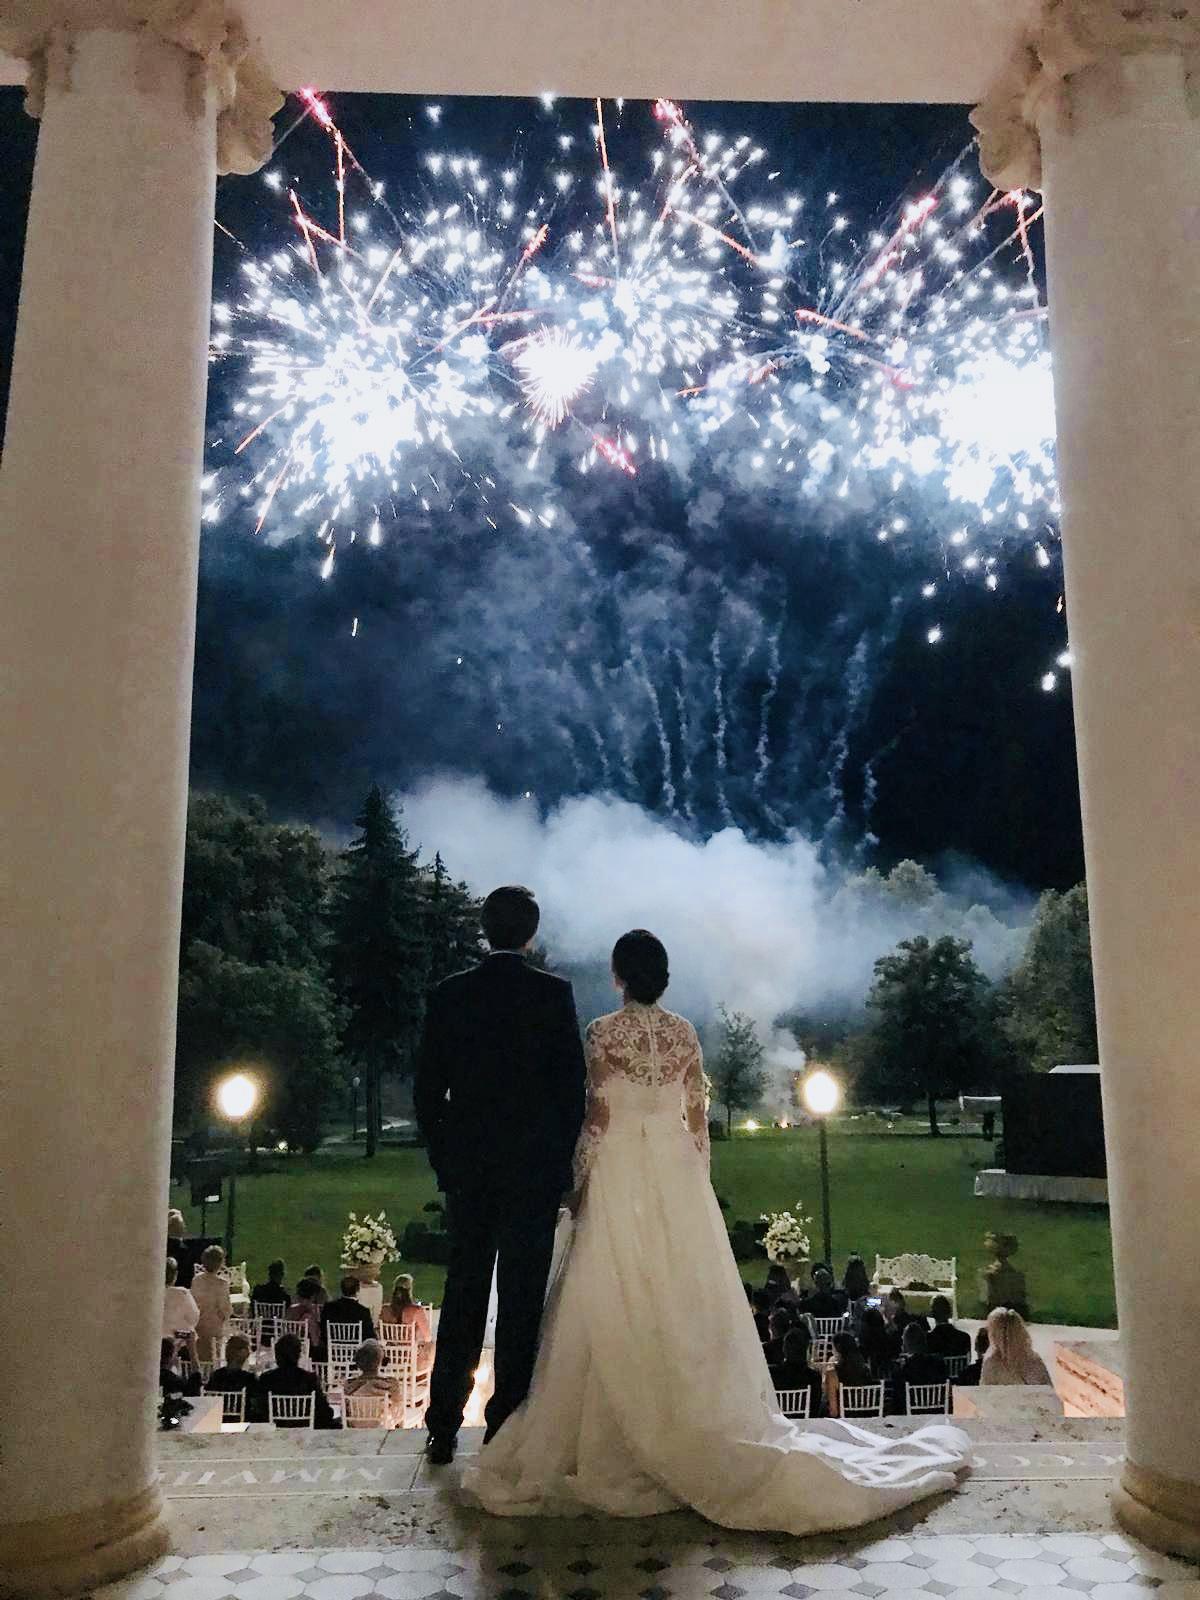 The Royal Wedding S&P - Obrázok č. 2